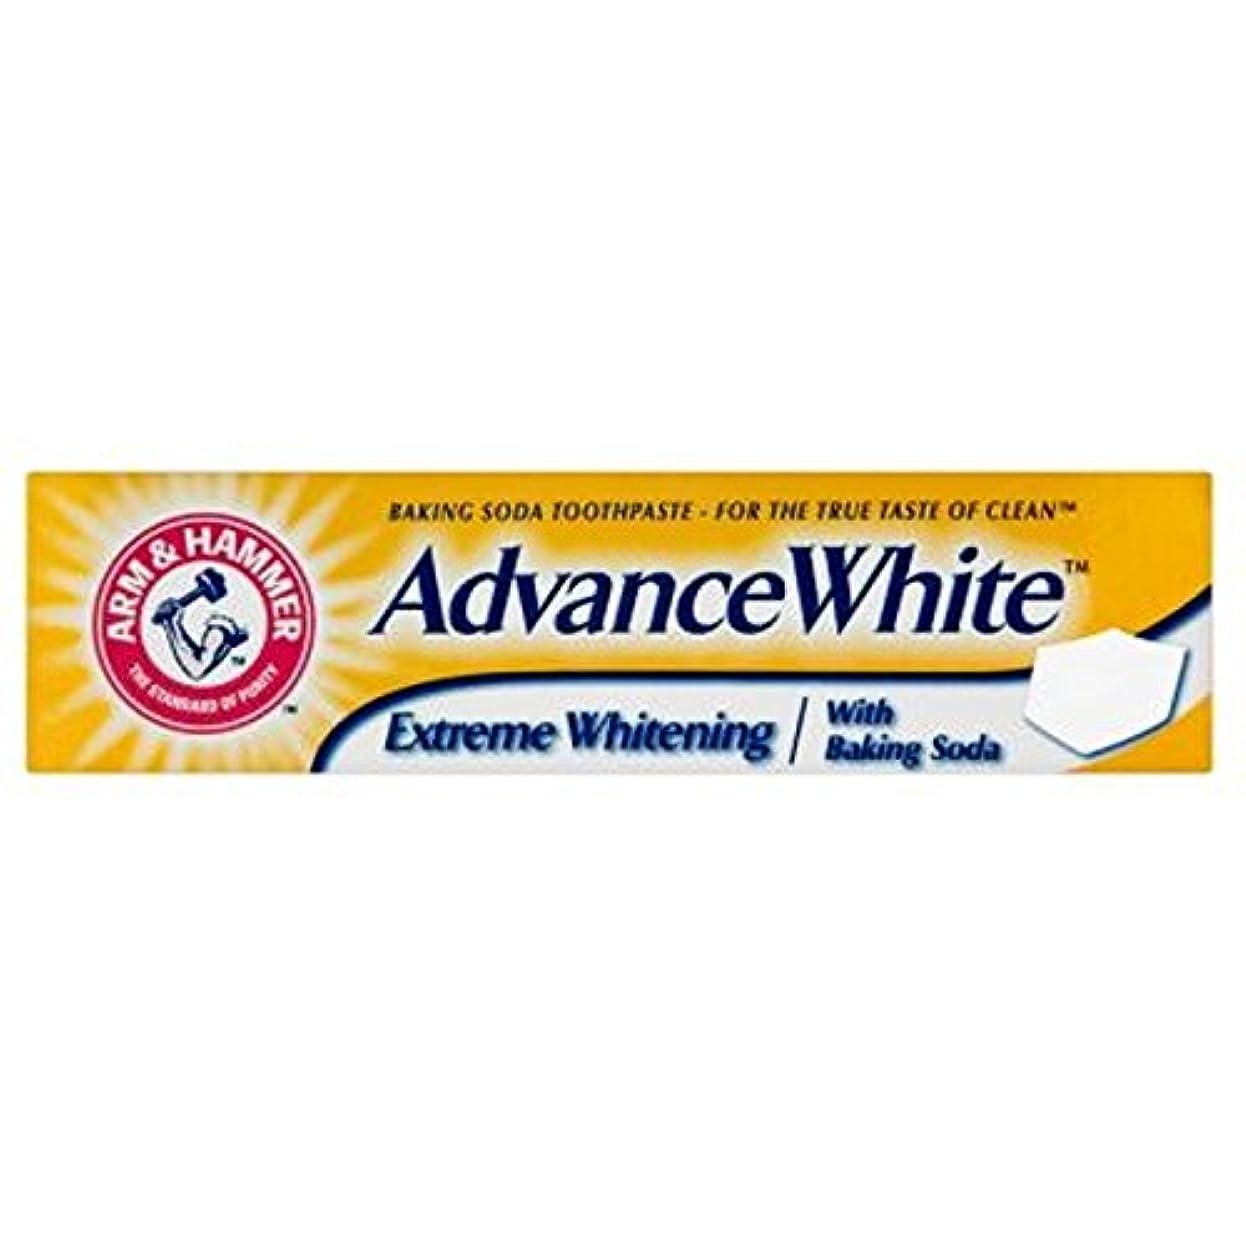 どちらもペン汚物重曹歯磨き粉75ミリリットルをホワイトニングアーム&ハンマー事前白極端 (Arm & Hammer) (x2) - Arm & Hammer Advance White Extreme Whitening Baking Soda Toothpaste 75ml (Pack of 2) [並行輸入品]